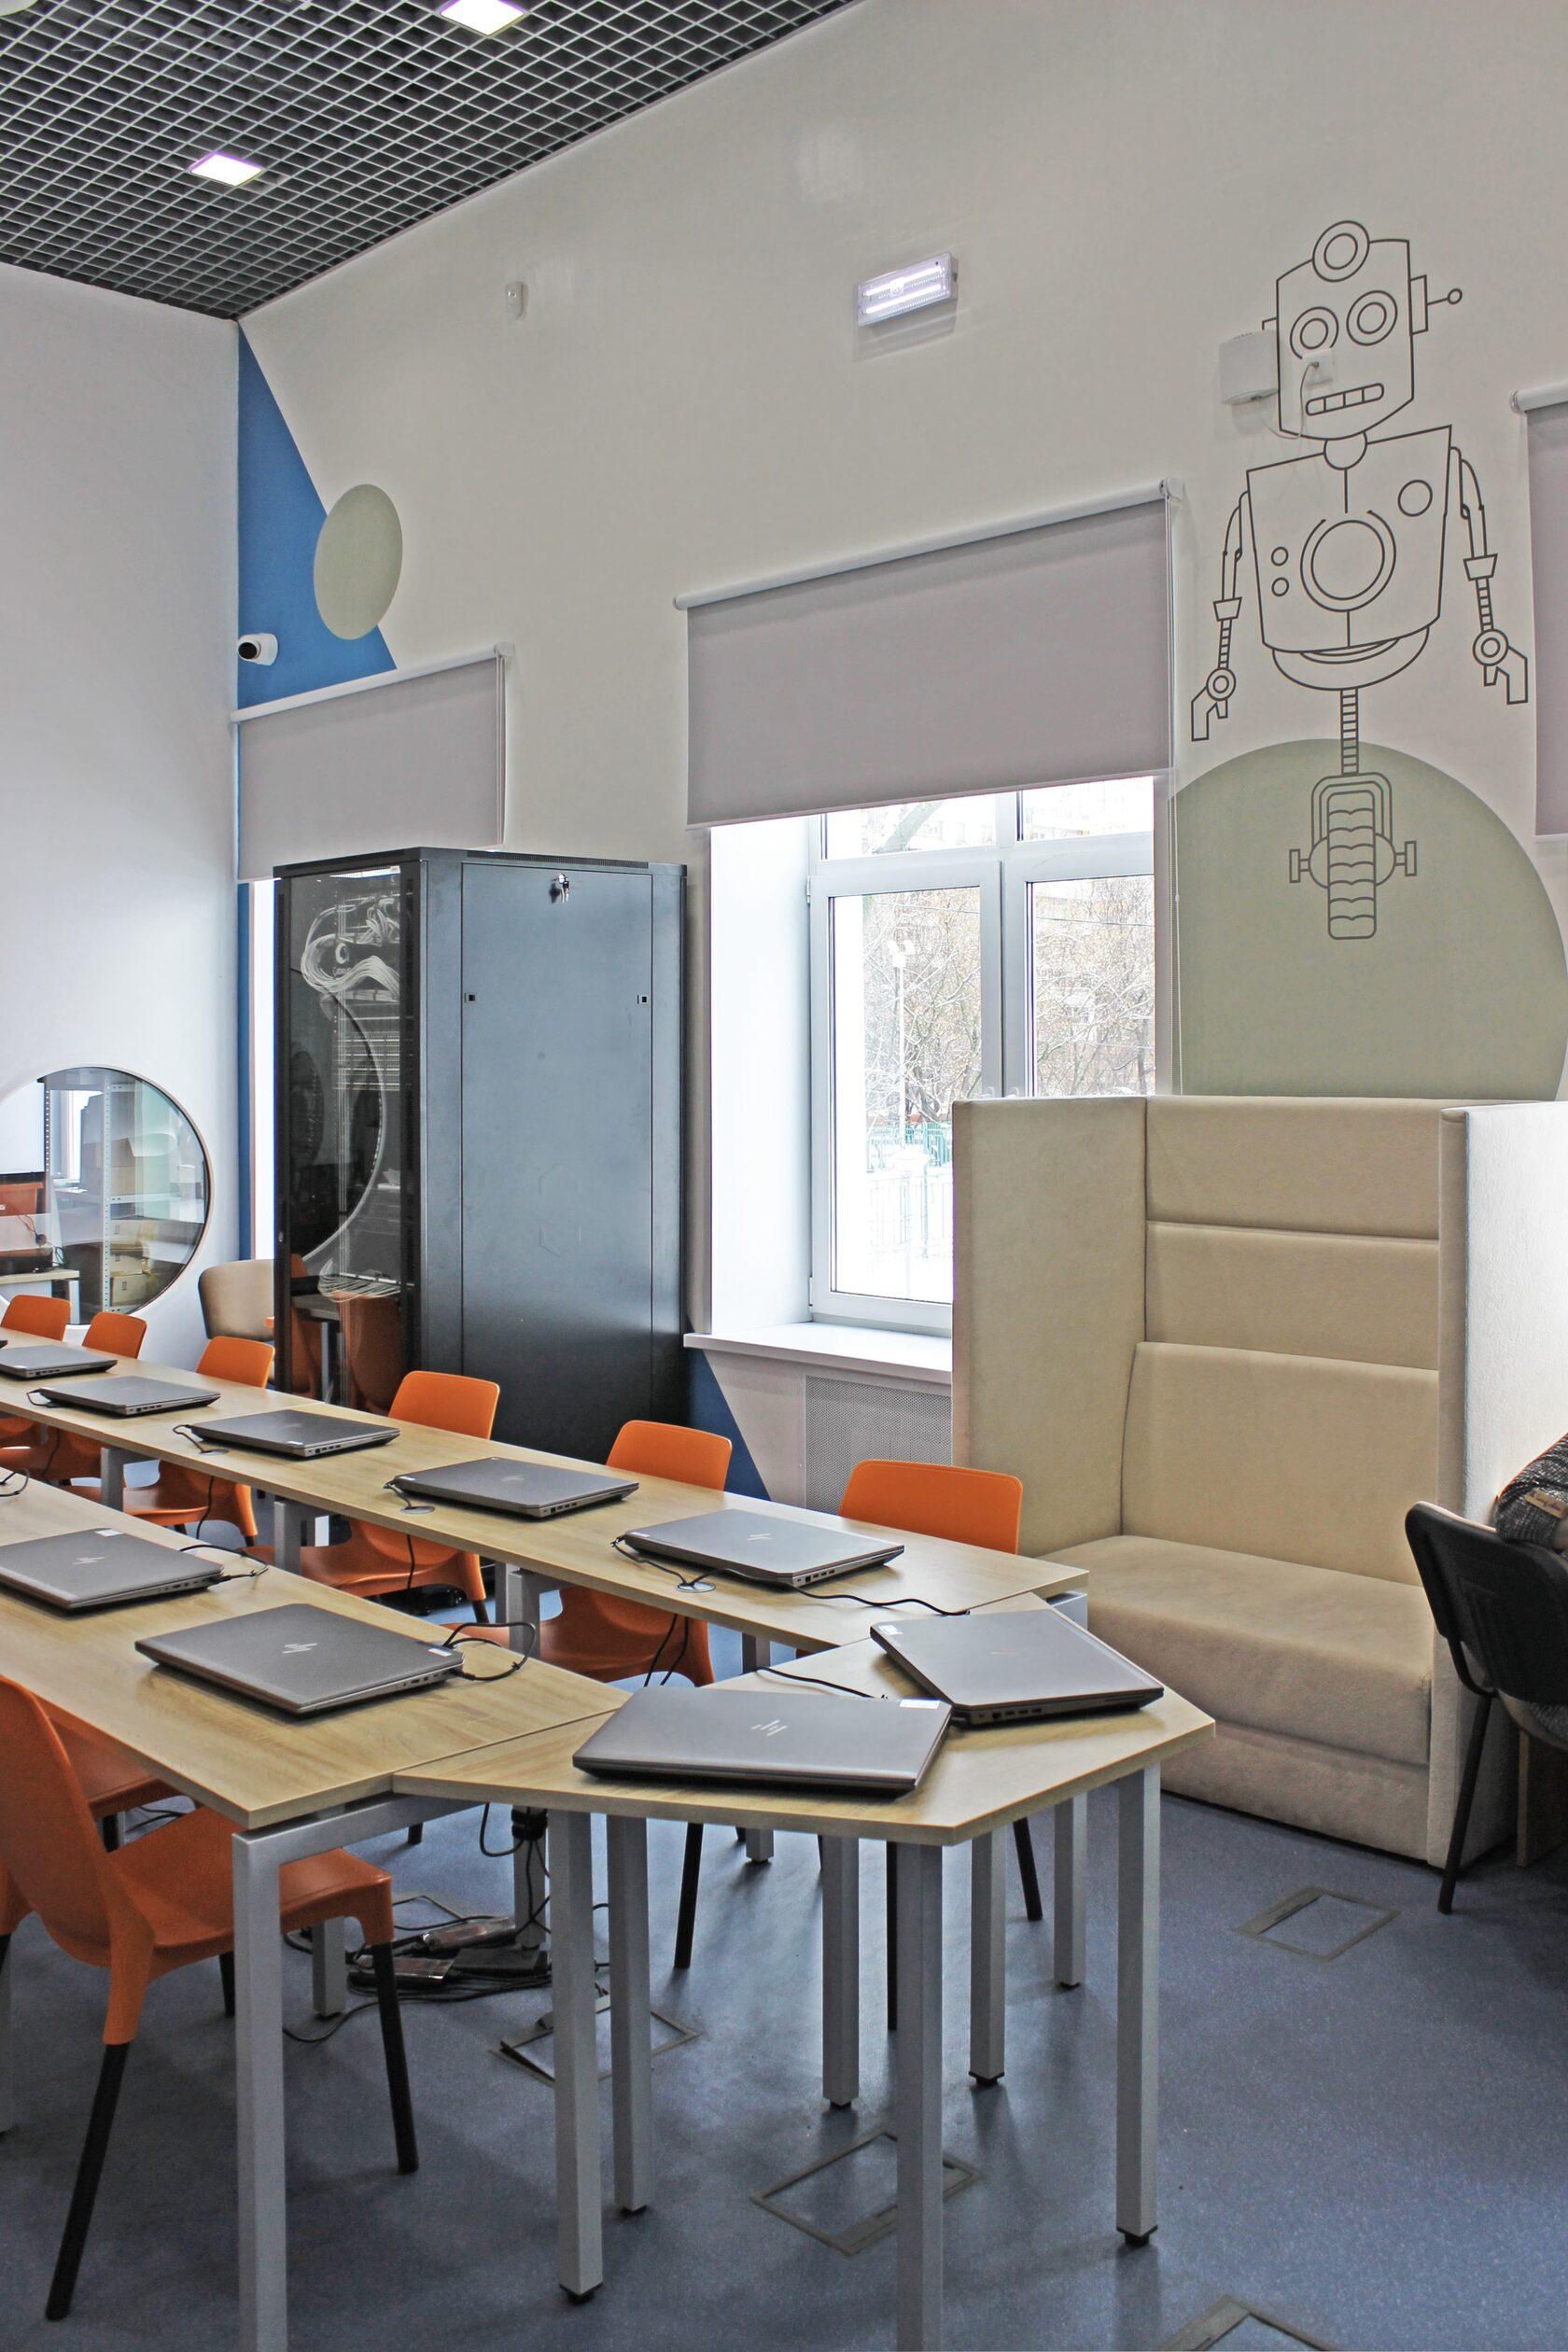 кабинет информатики в школе дизайн